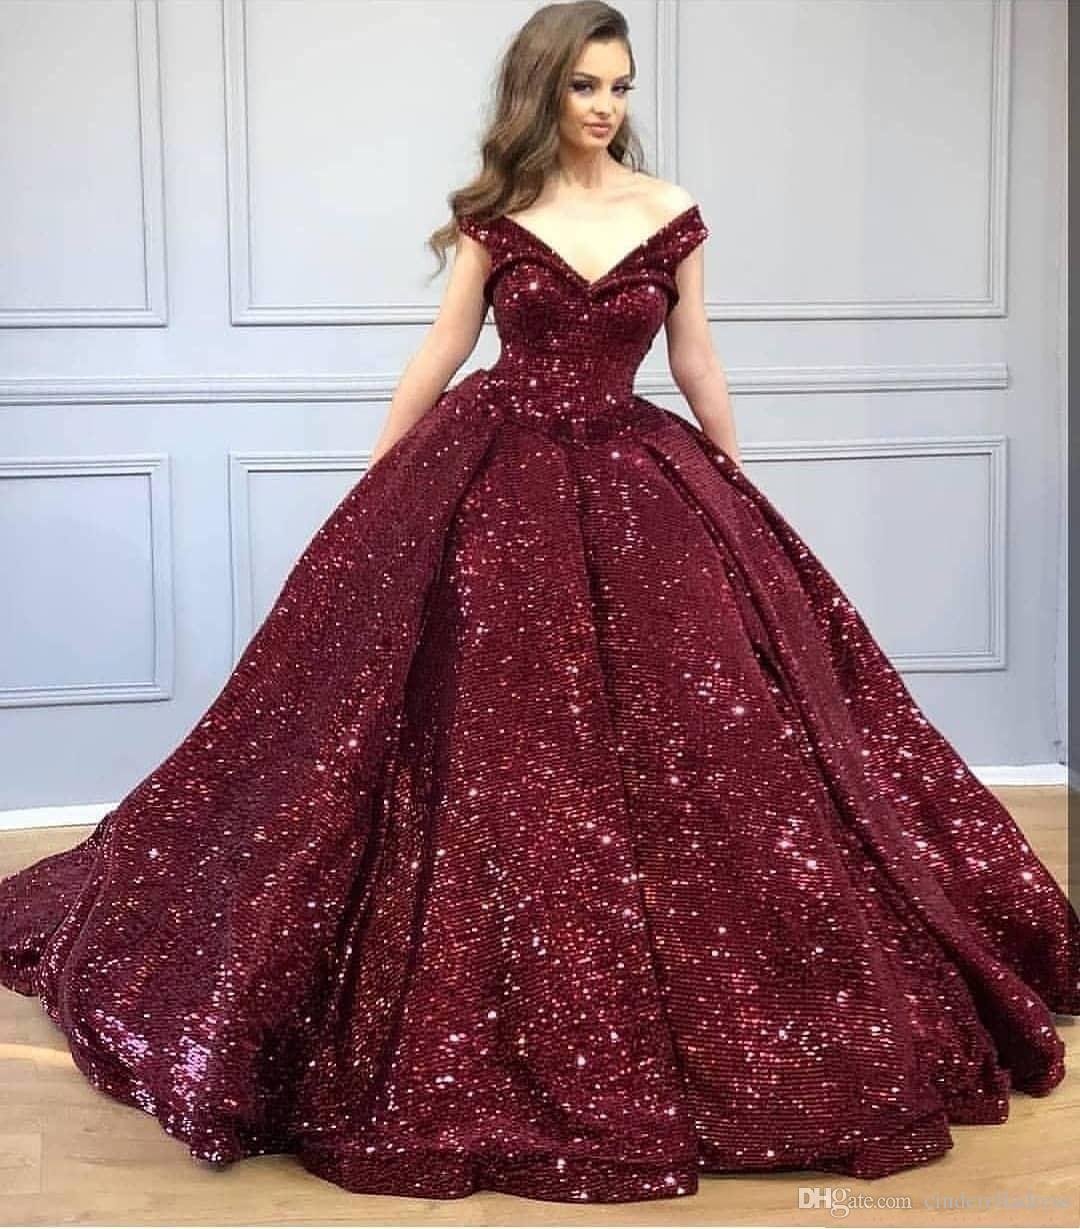 2020 Sparkly Burgundy Seakeed Off Flow Quinceanera Платья V-шеи блестки Бальное платье вечернее платье